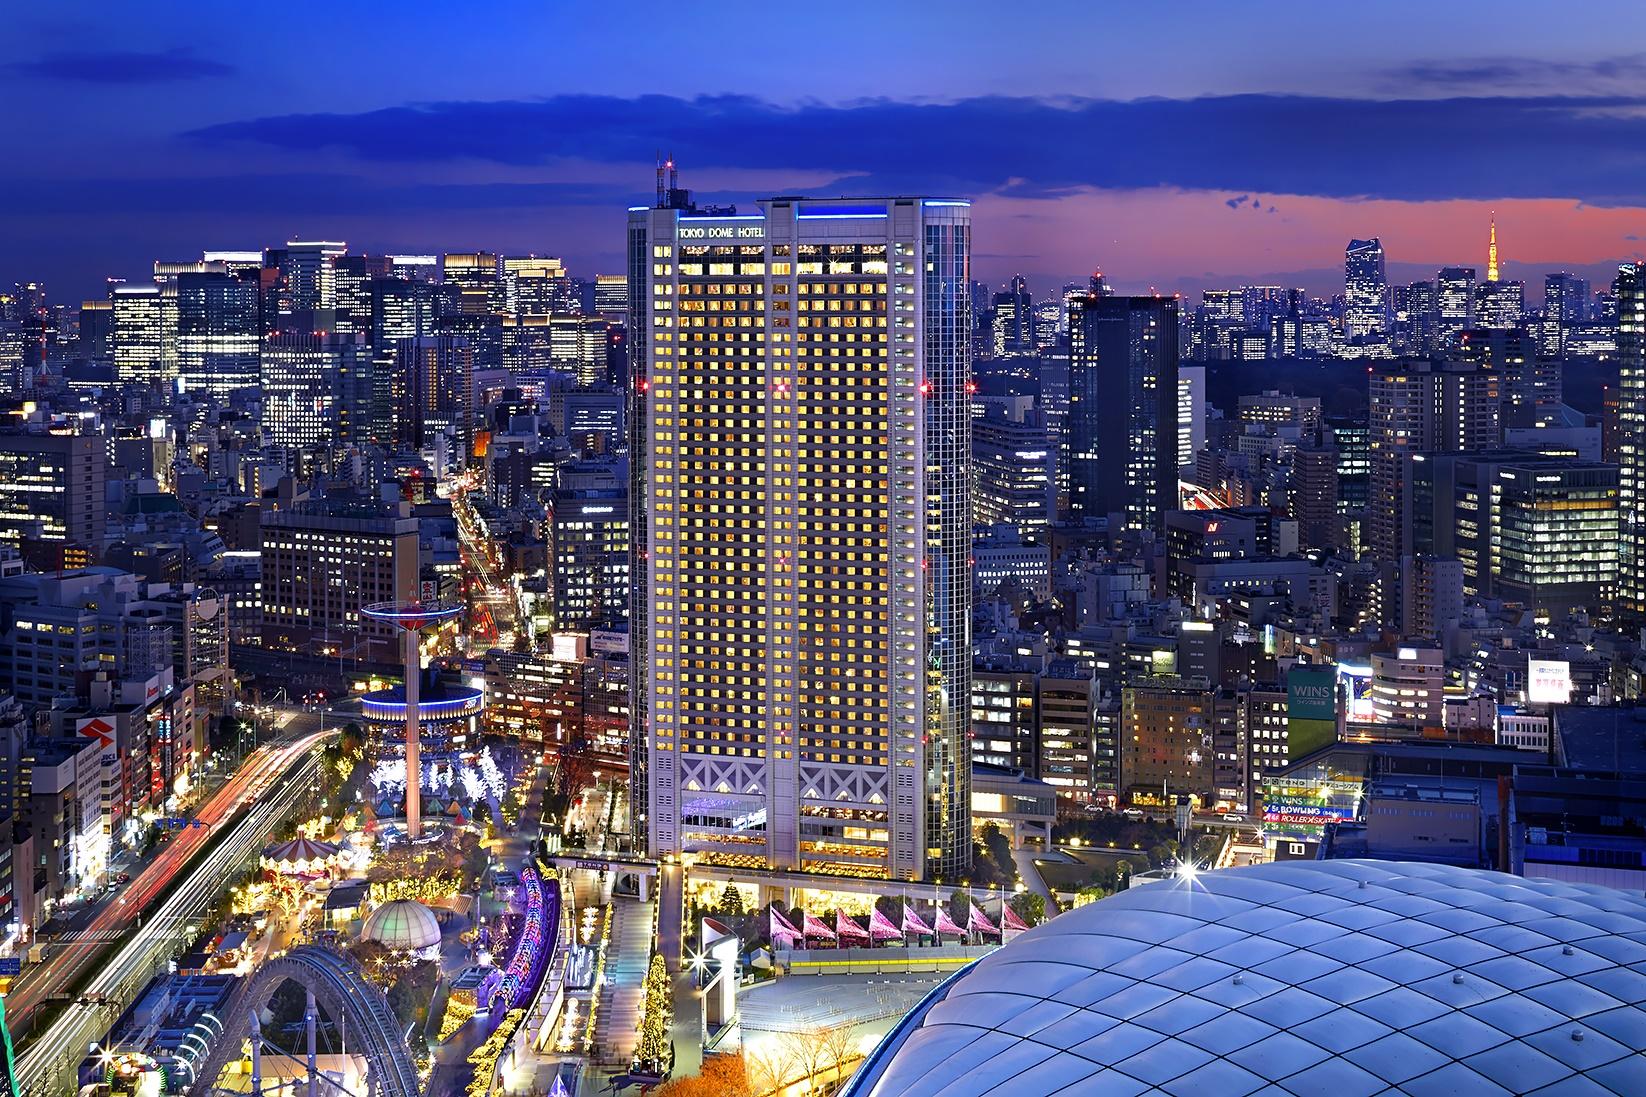 東京ドームの世界らん展に行くのにおすすめのホテル